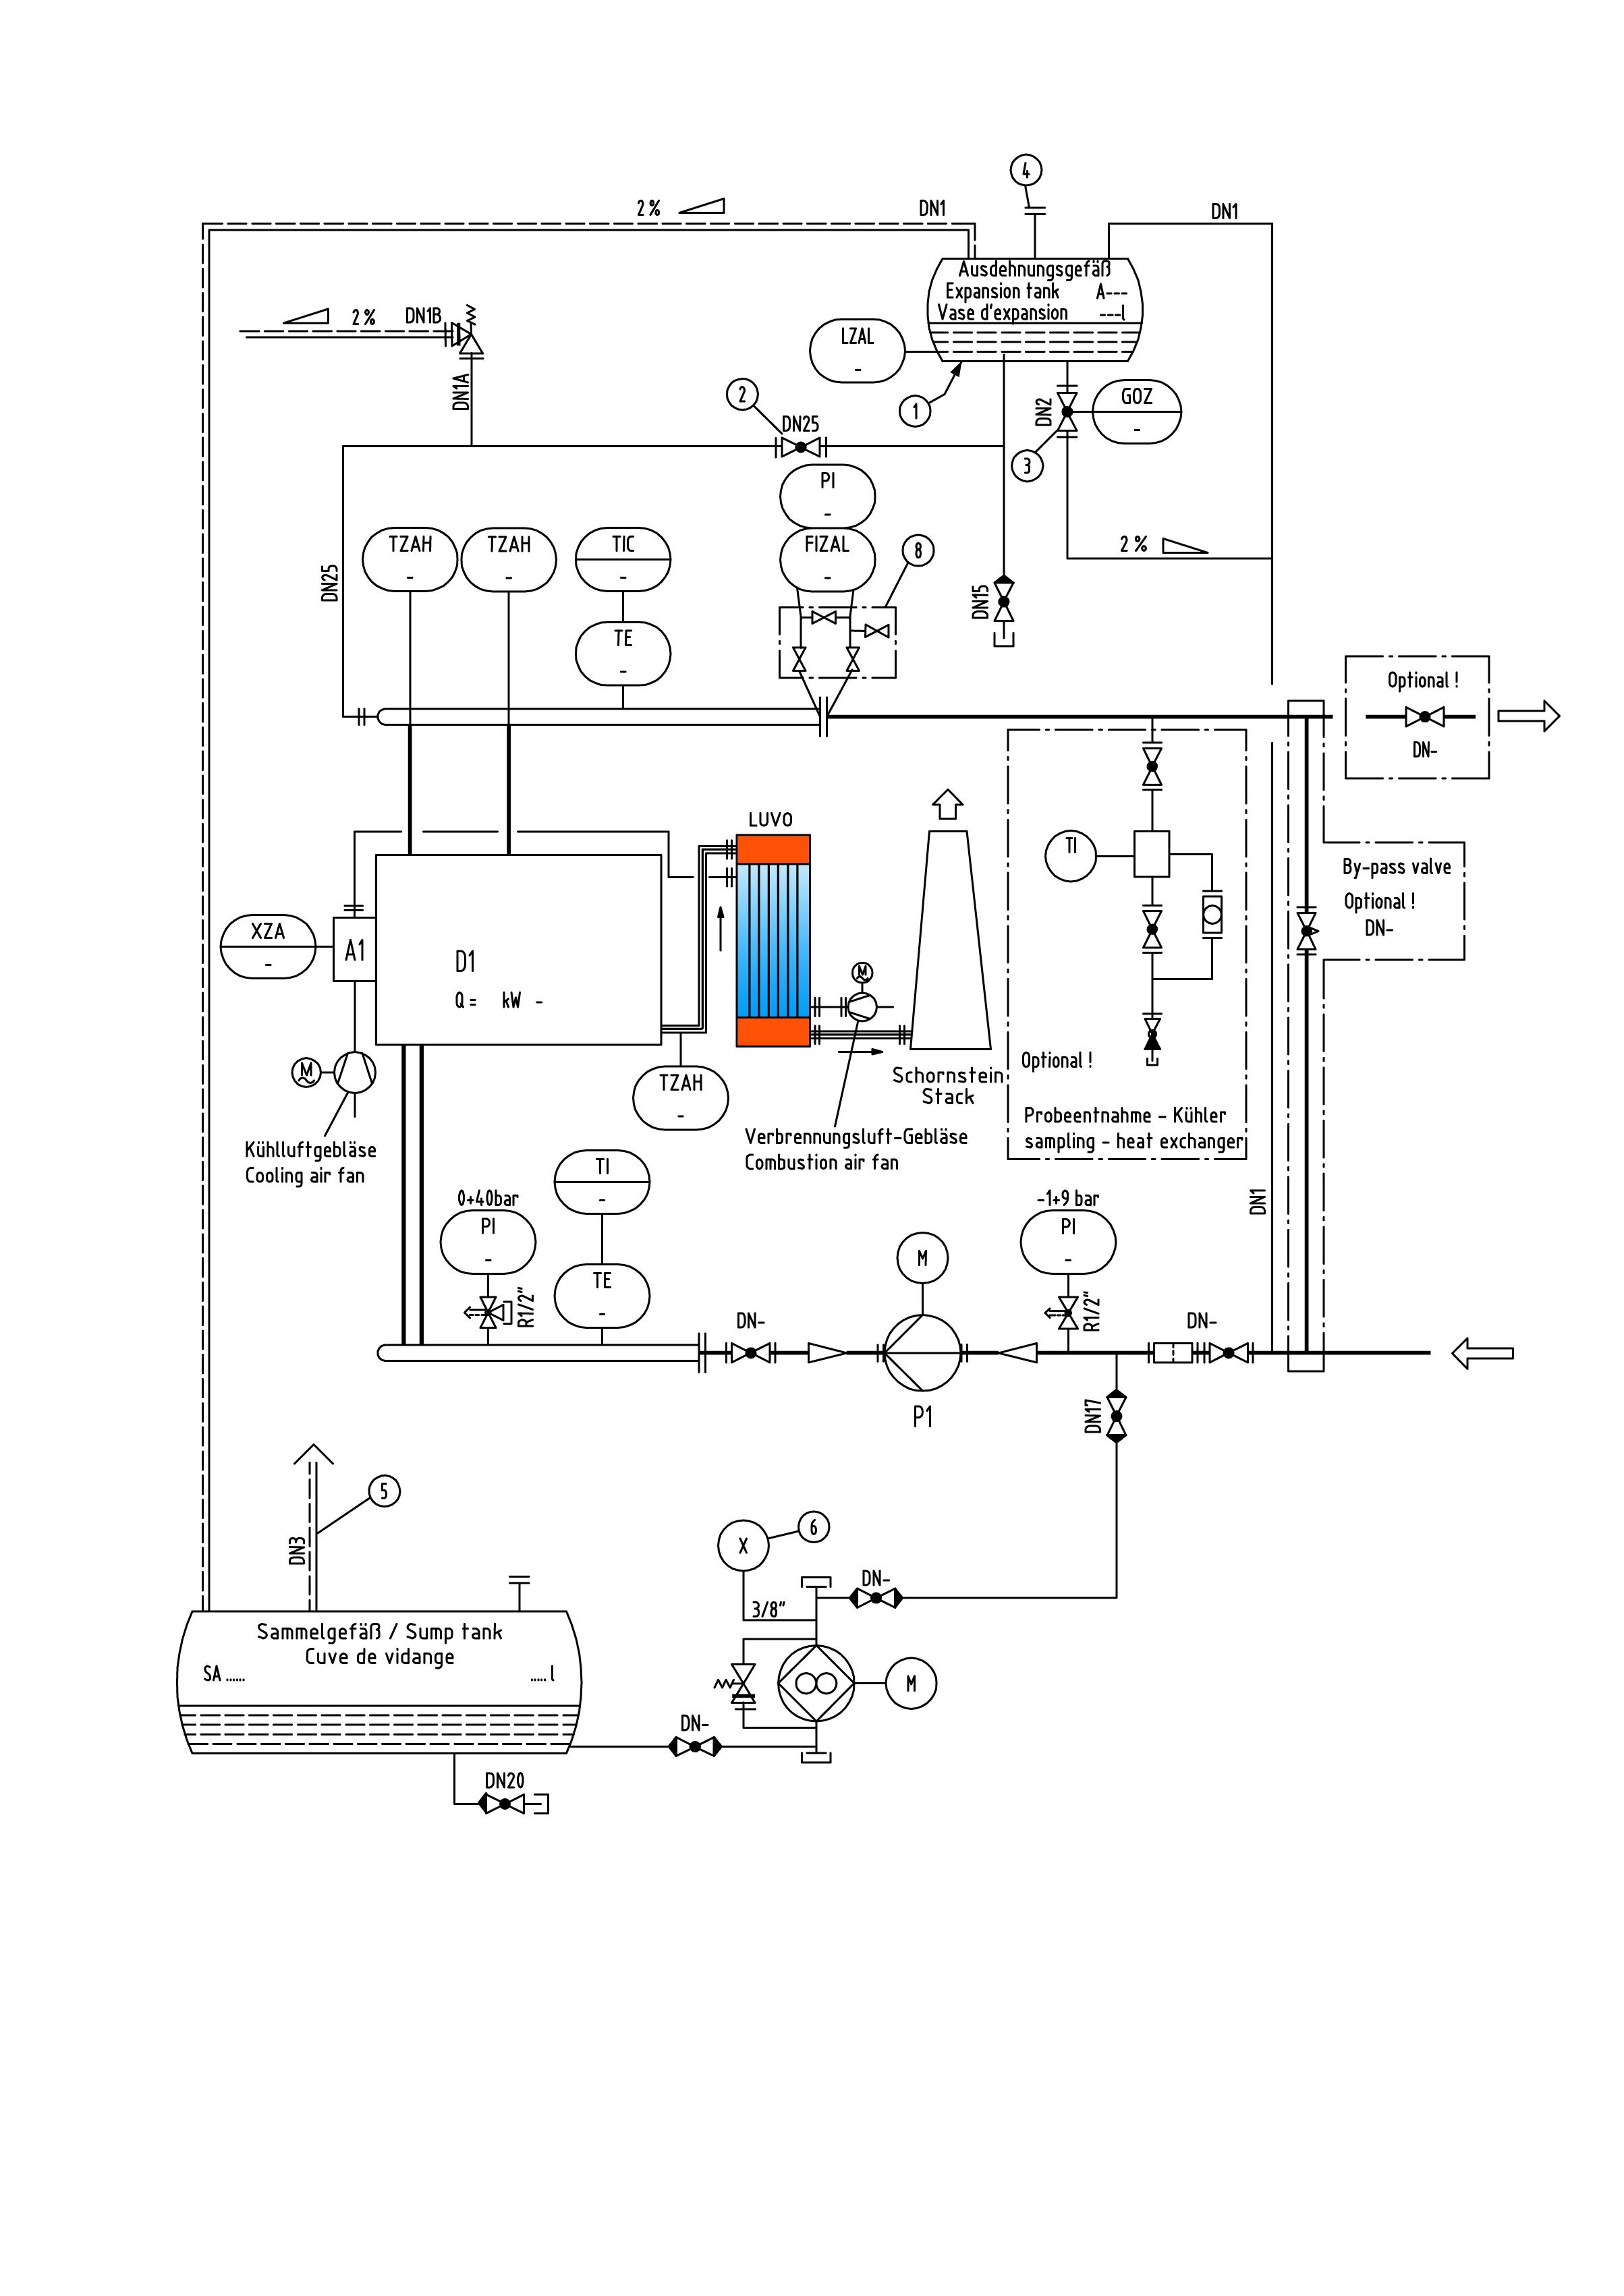 Schön Ein Draht Gm Generator Bilder - Der Schaltplan - triangre.info